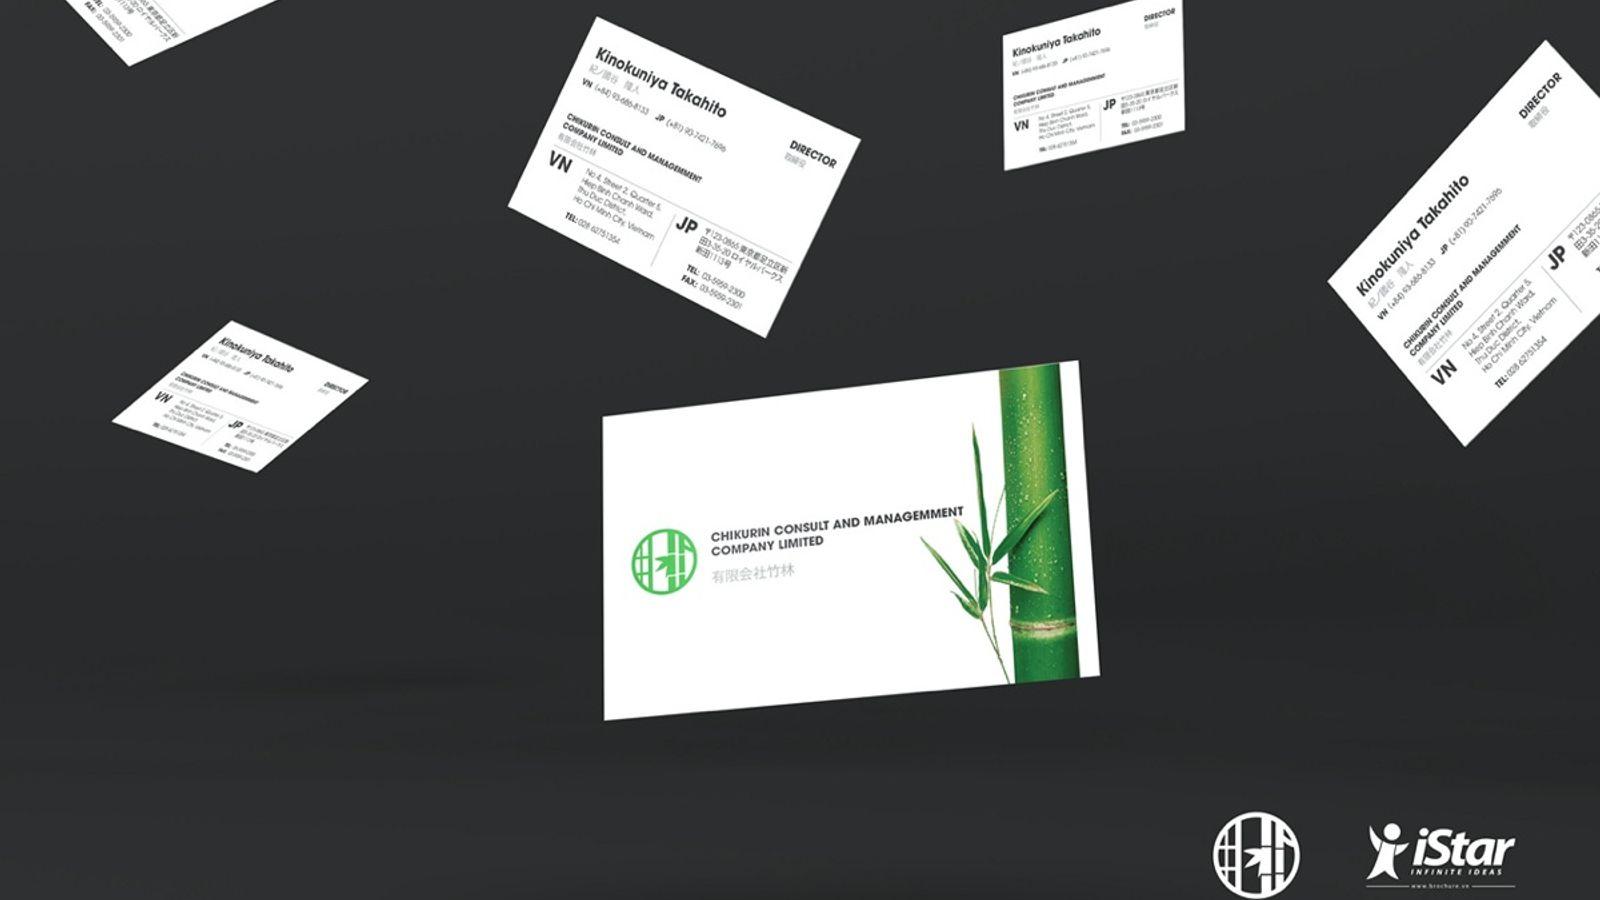 Thiết kế name card Công Ty Tnhh Tư Vấn Và Quản Lý Chikurin